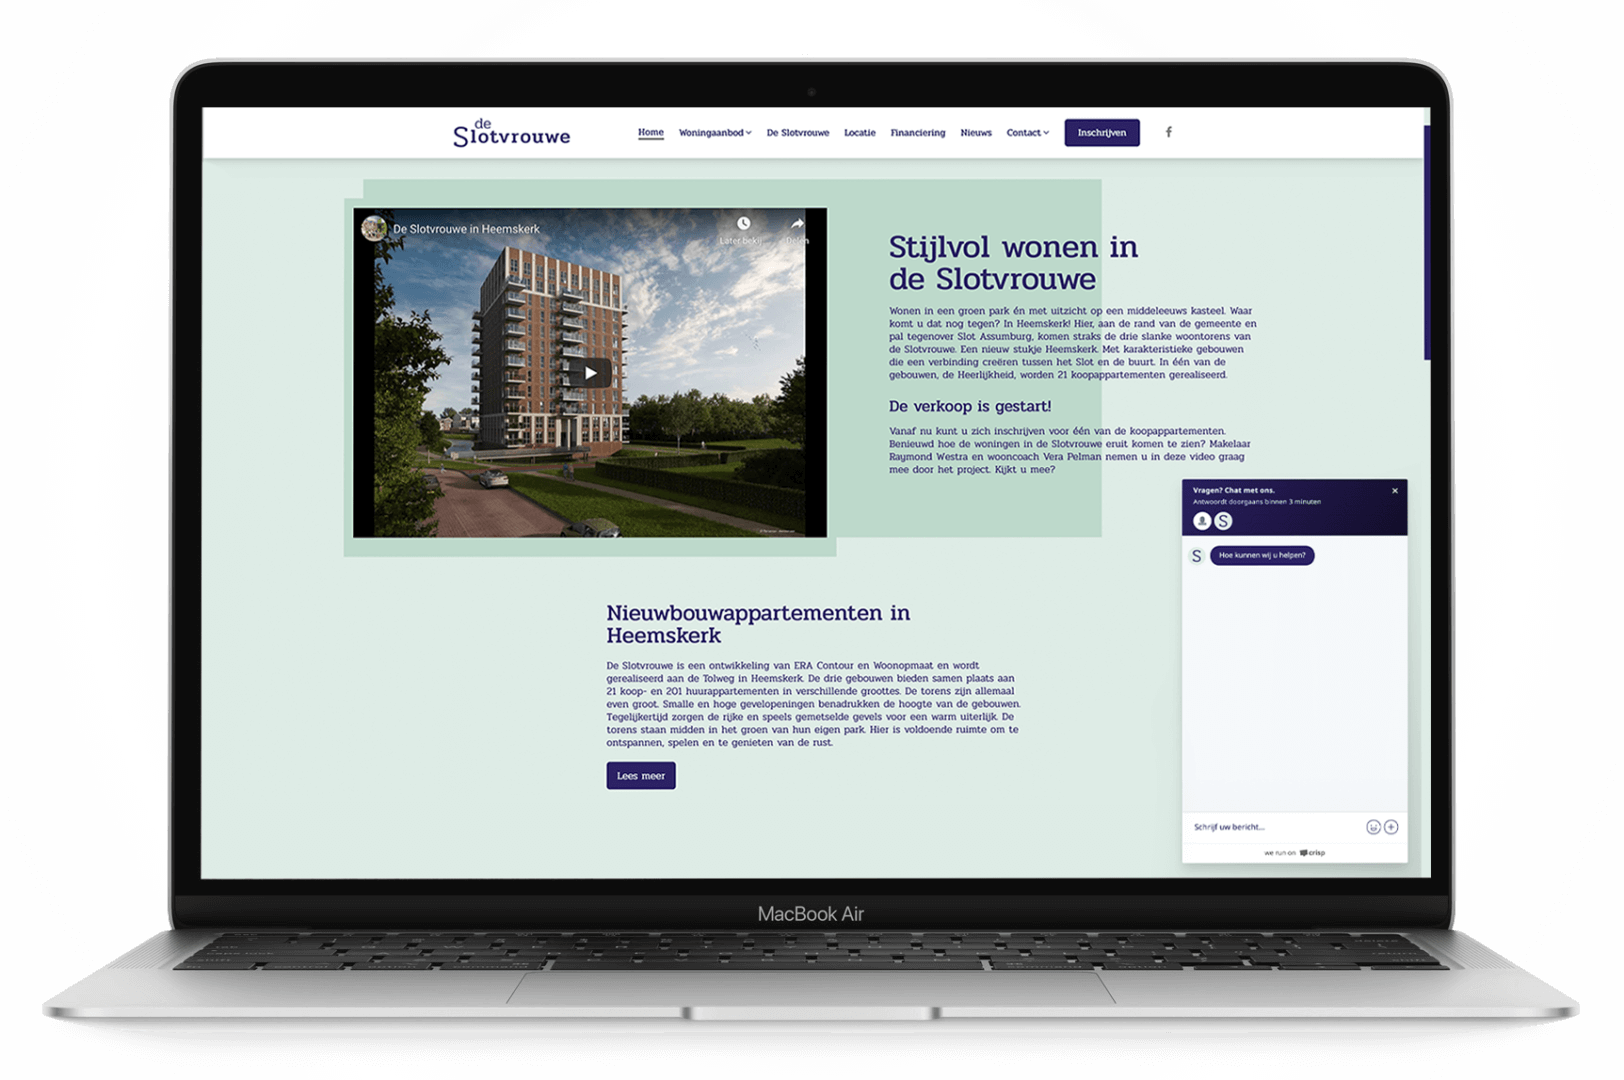 De Slotvrouwe Heemskerk - Livechat - yoreM Verovert Online